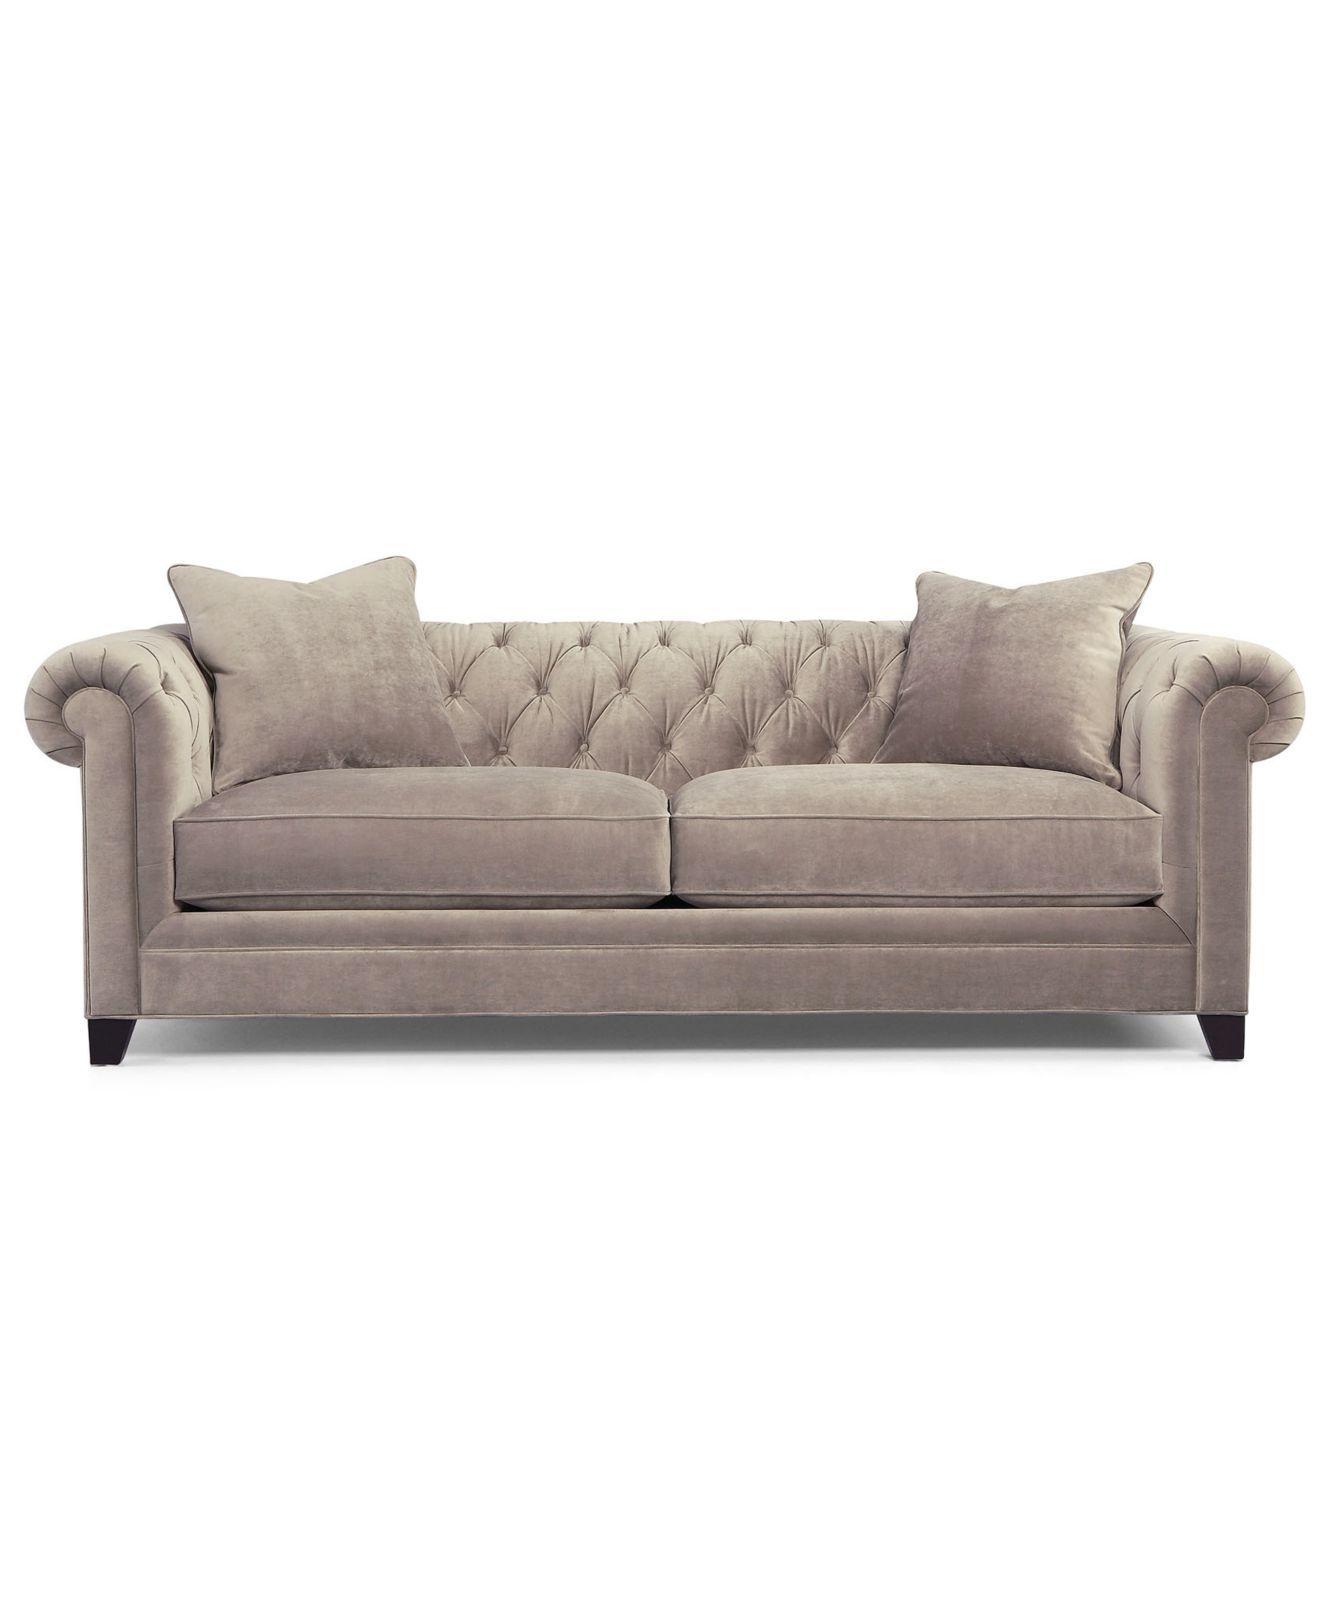 Saybridge 92 Fabric Sofa Created for Macys  For Our